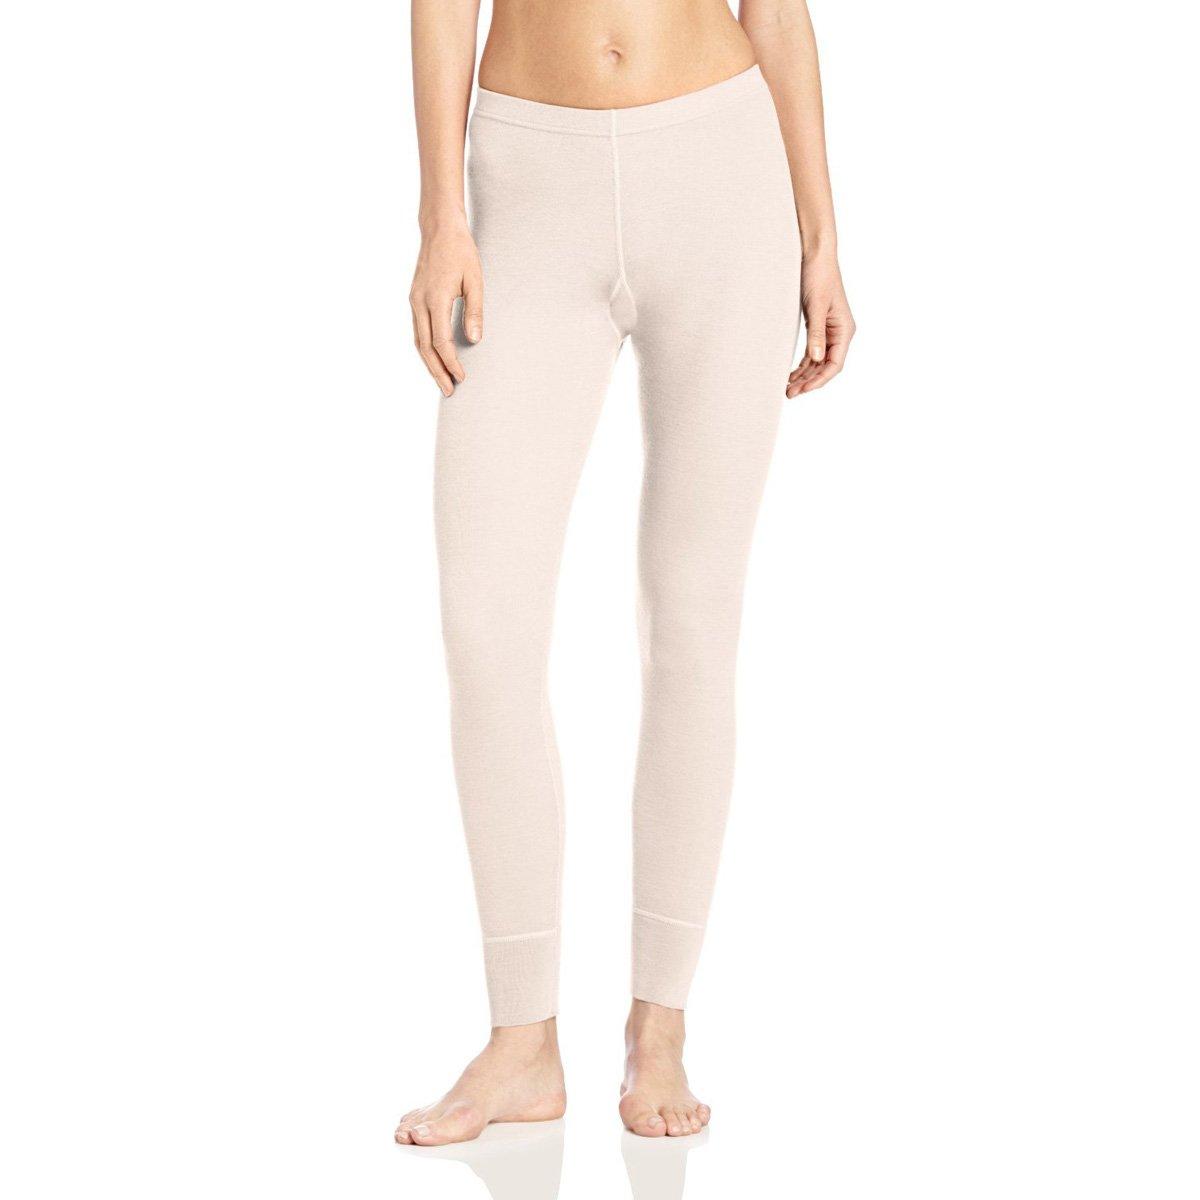 Minus33 Merino Wool Women's Franconia Midweight Bottom, Cream, Small by Minus33 Merino Wool